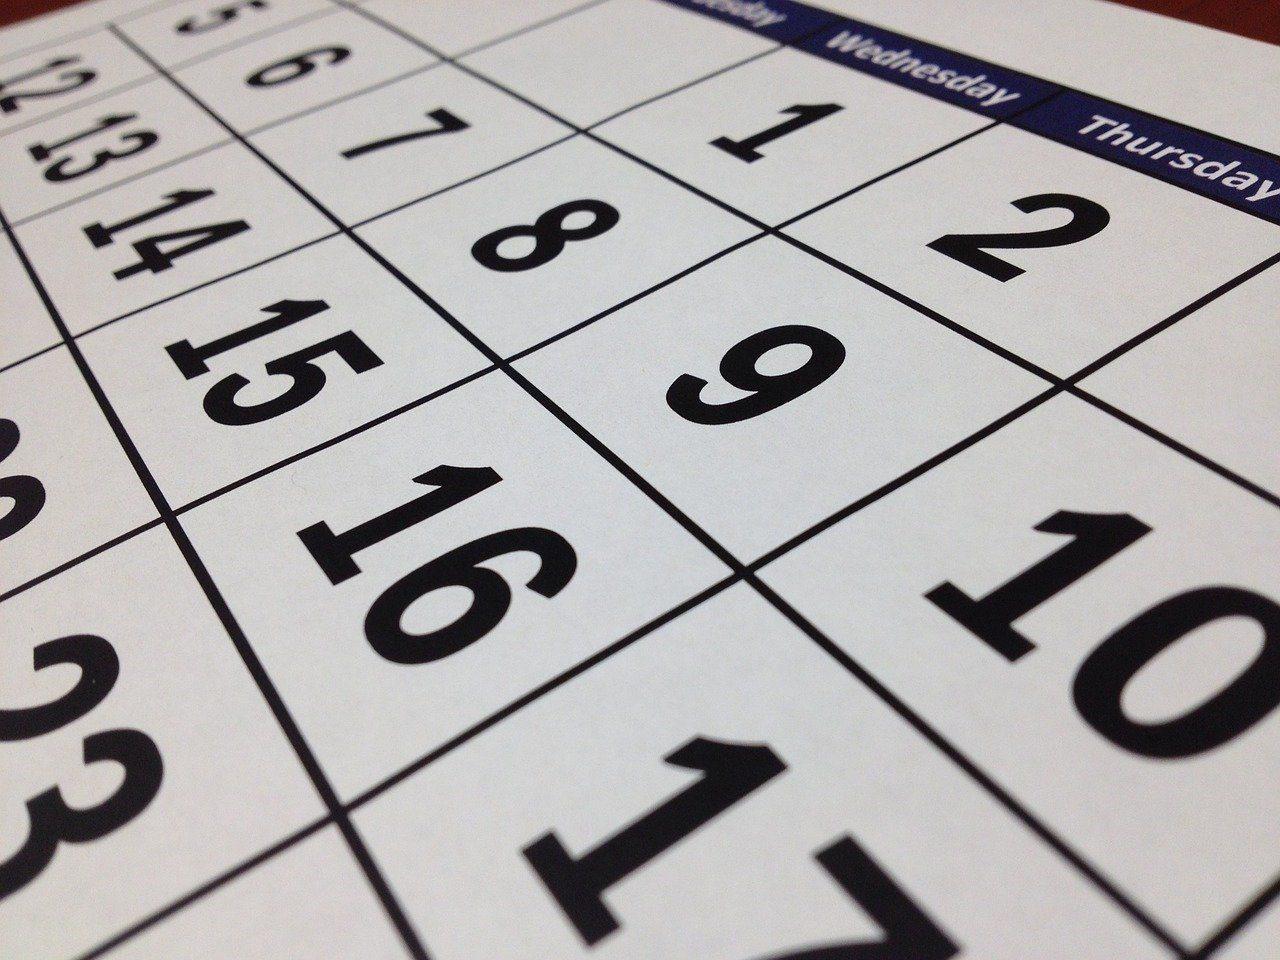 A close up view of a calendar